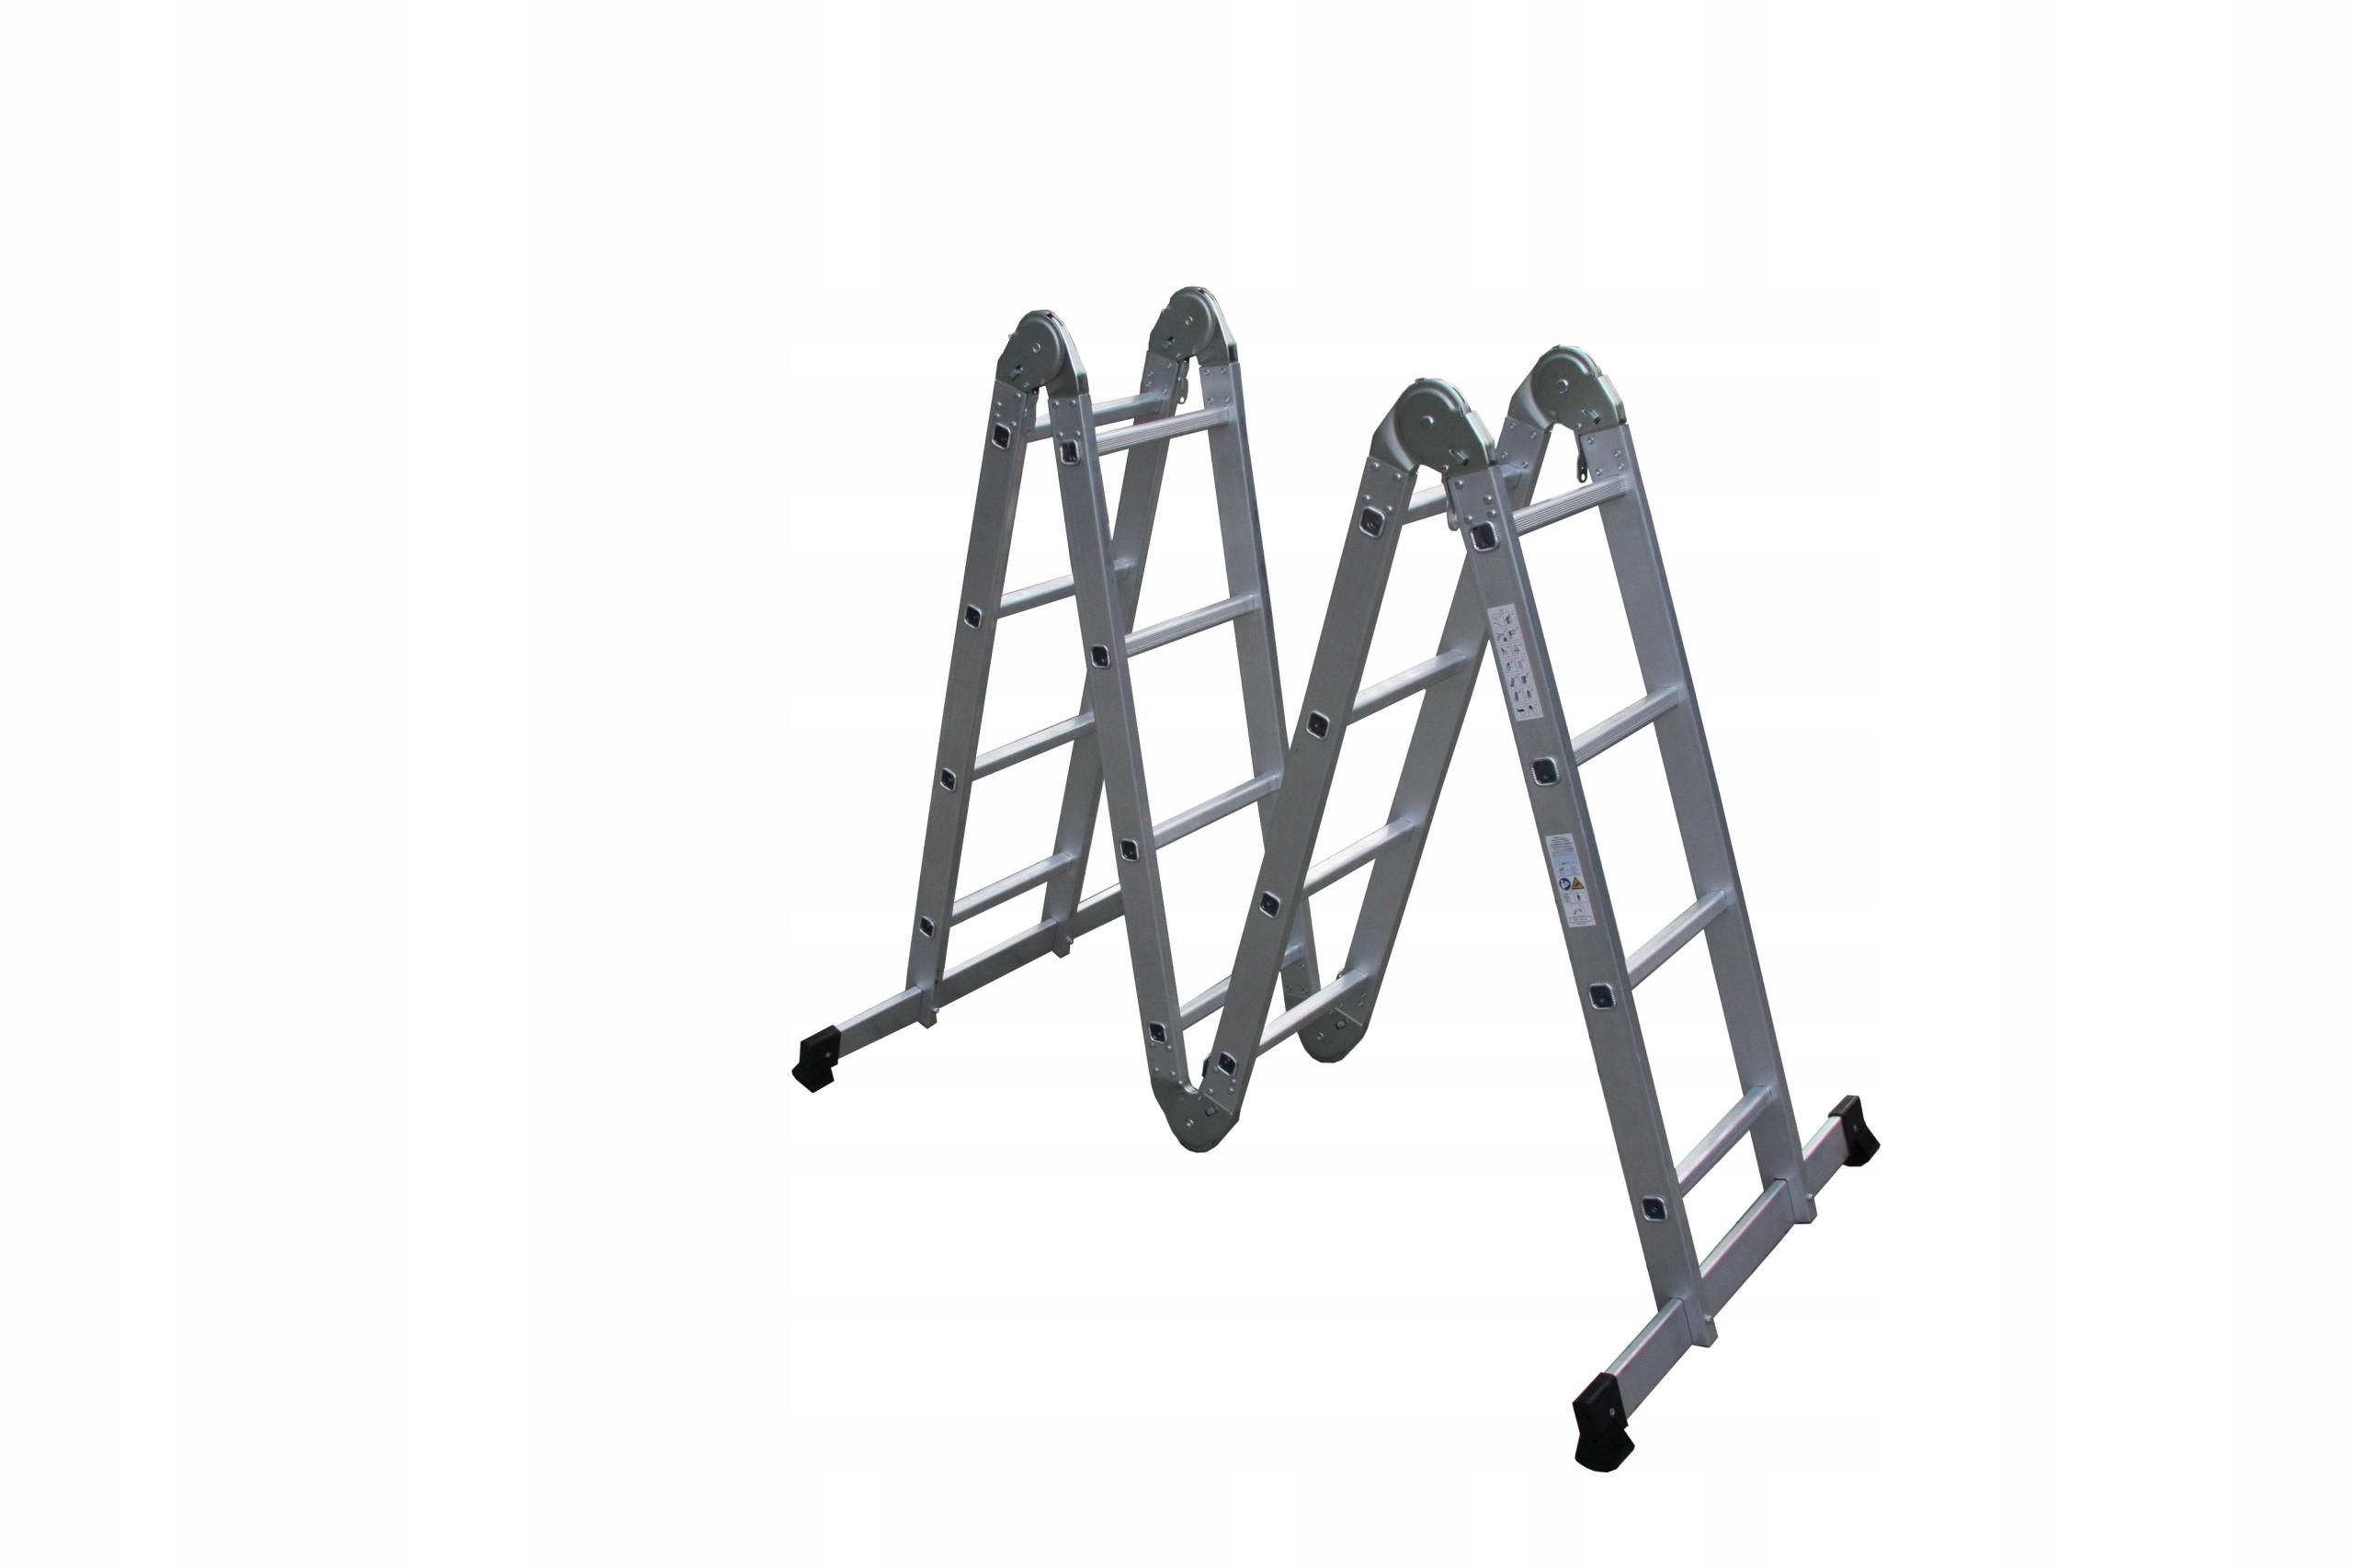 Drabina aluminiowa 4x4 przegubowa uniwersalna 5,3m